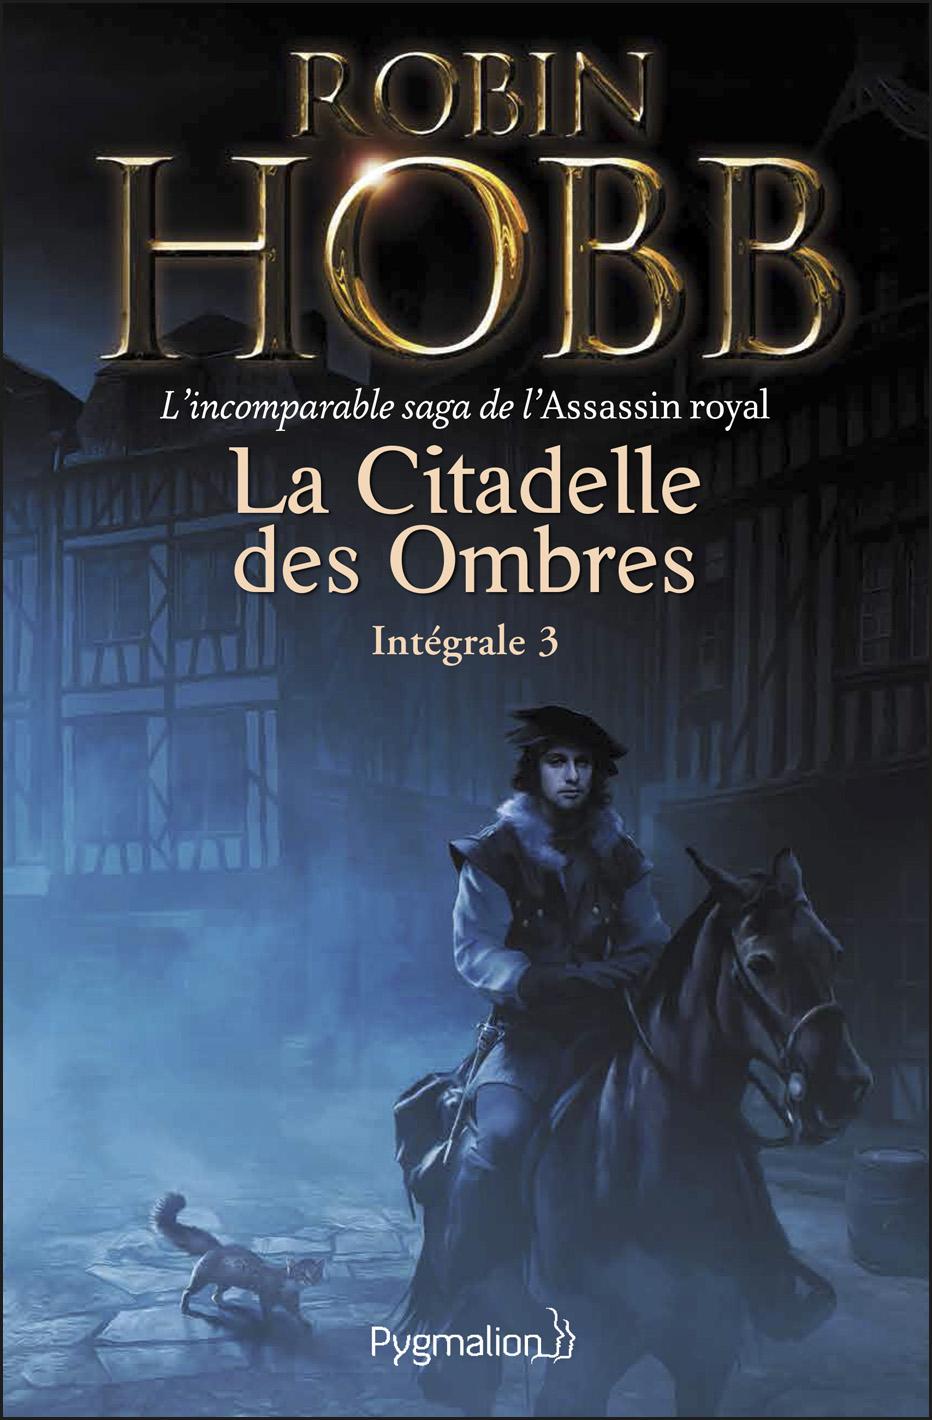 La Citadelle des Ombres - L'Intégrale 3 (Tomes 7 à 9) - L'incomparable saga de l'Assassin royal